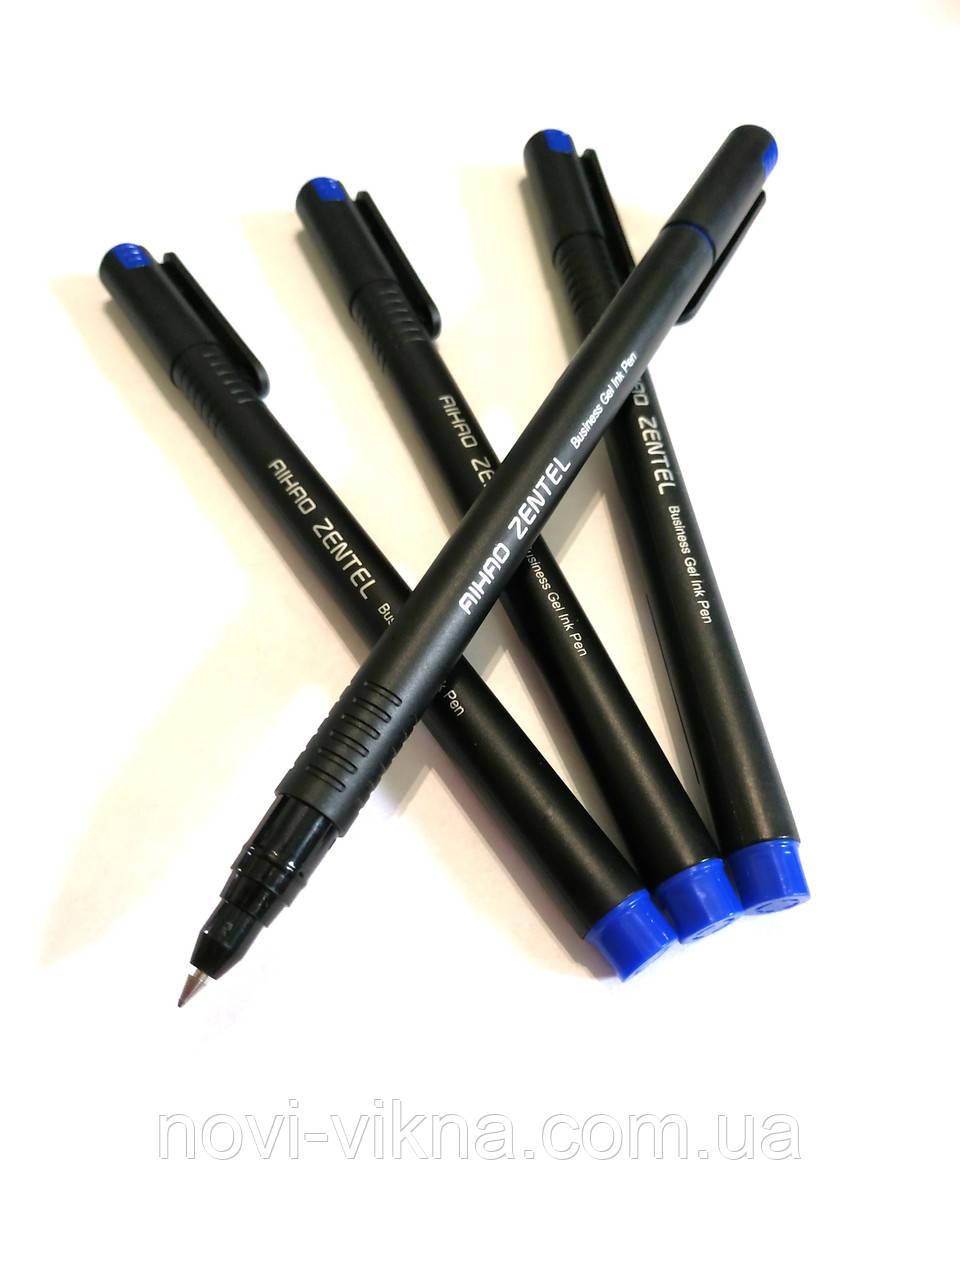 Ручка гелевая AIHAO ZENTEL, синяя.